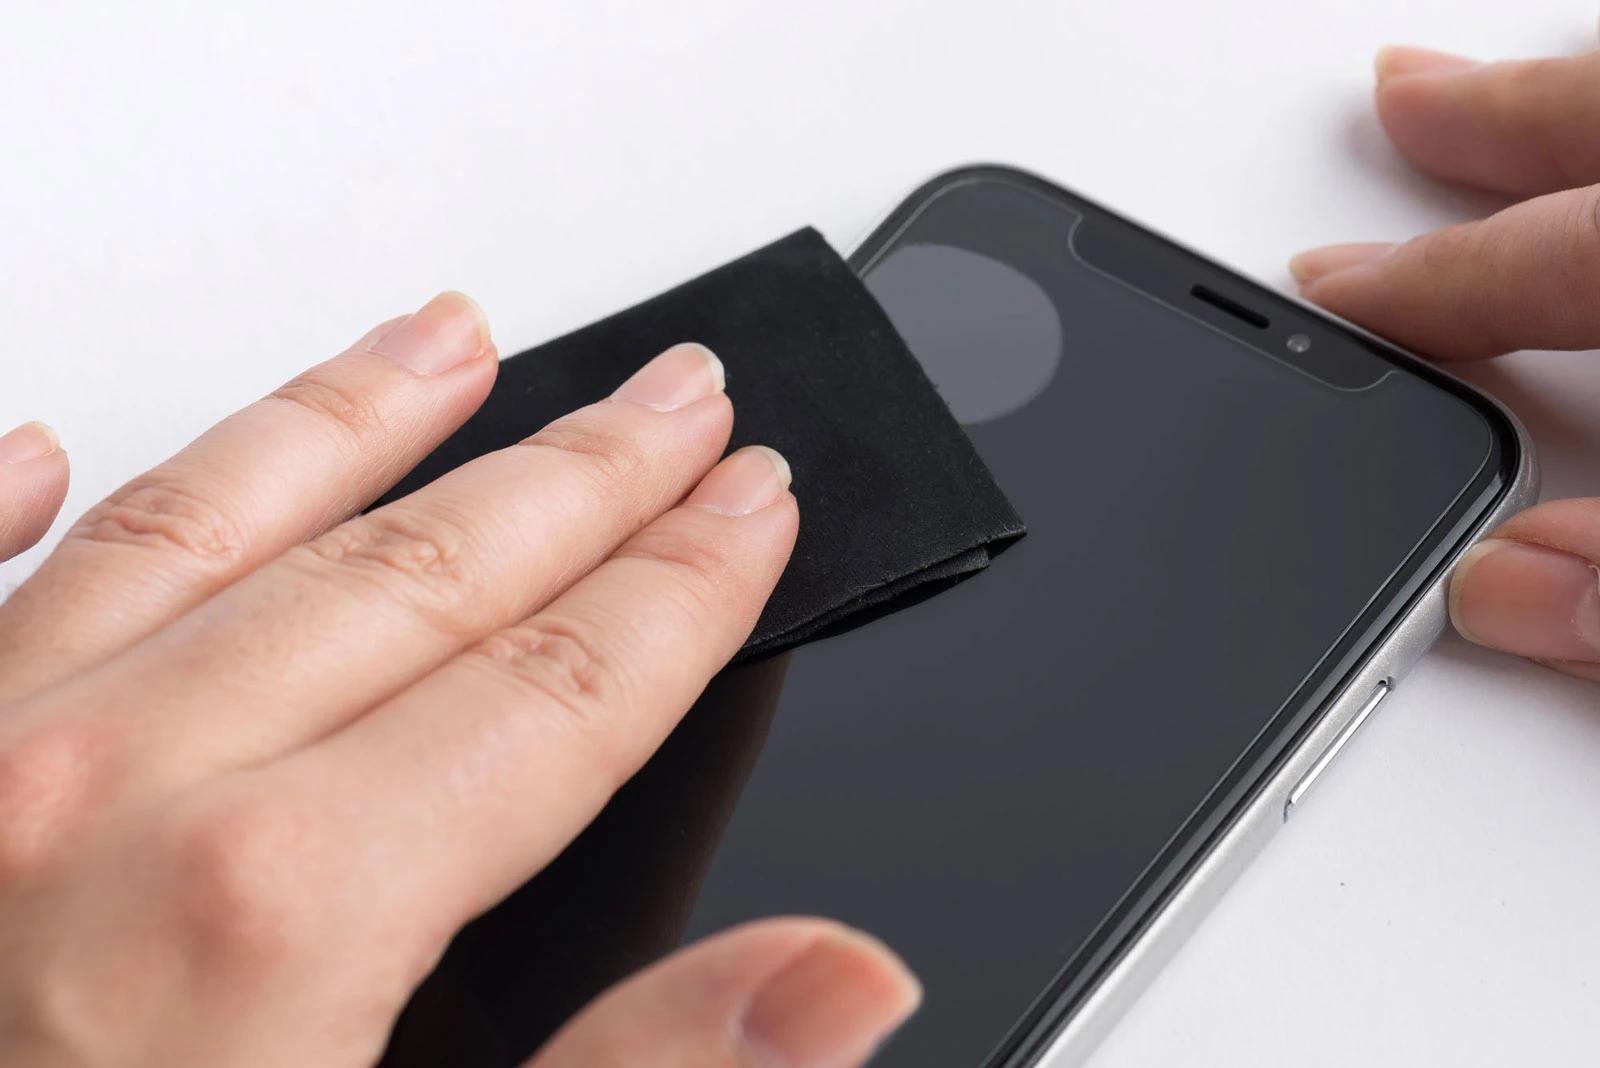 چگونه محافظ صفحه نمایش گوشی را در خانه نصب کنیم؟